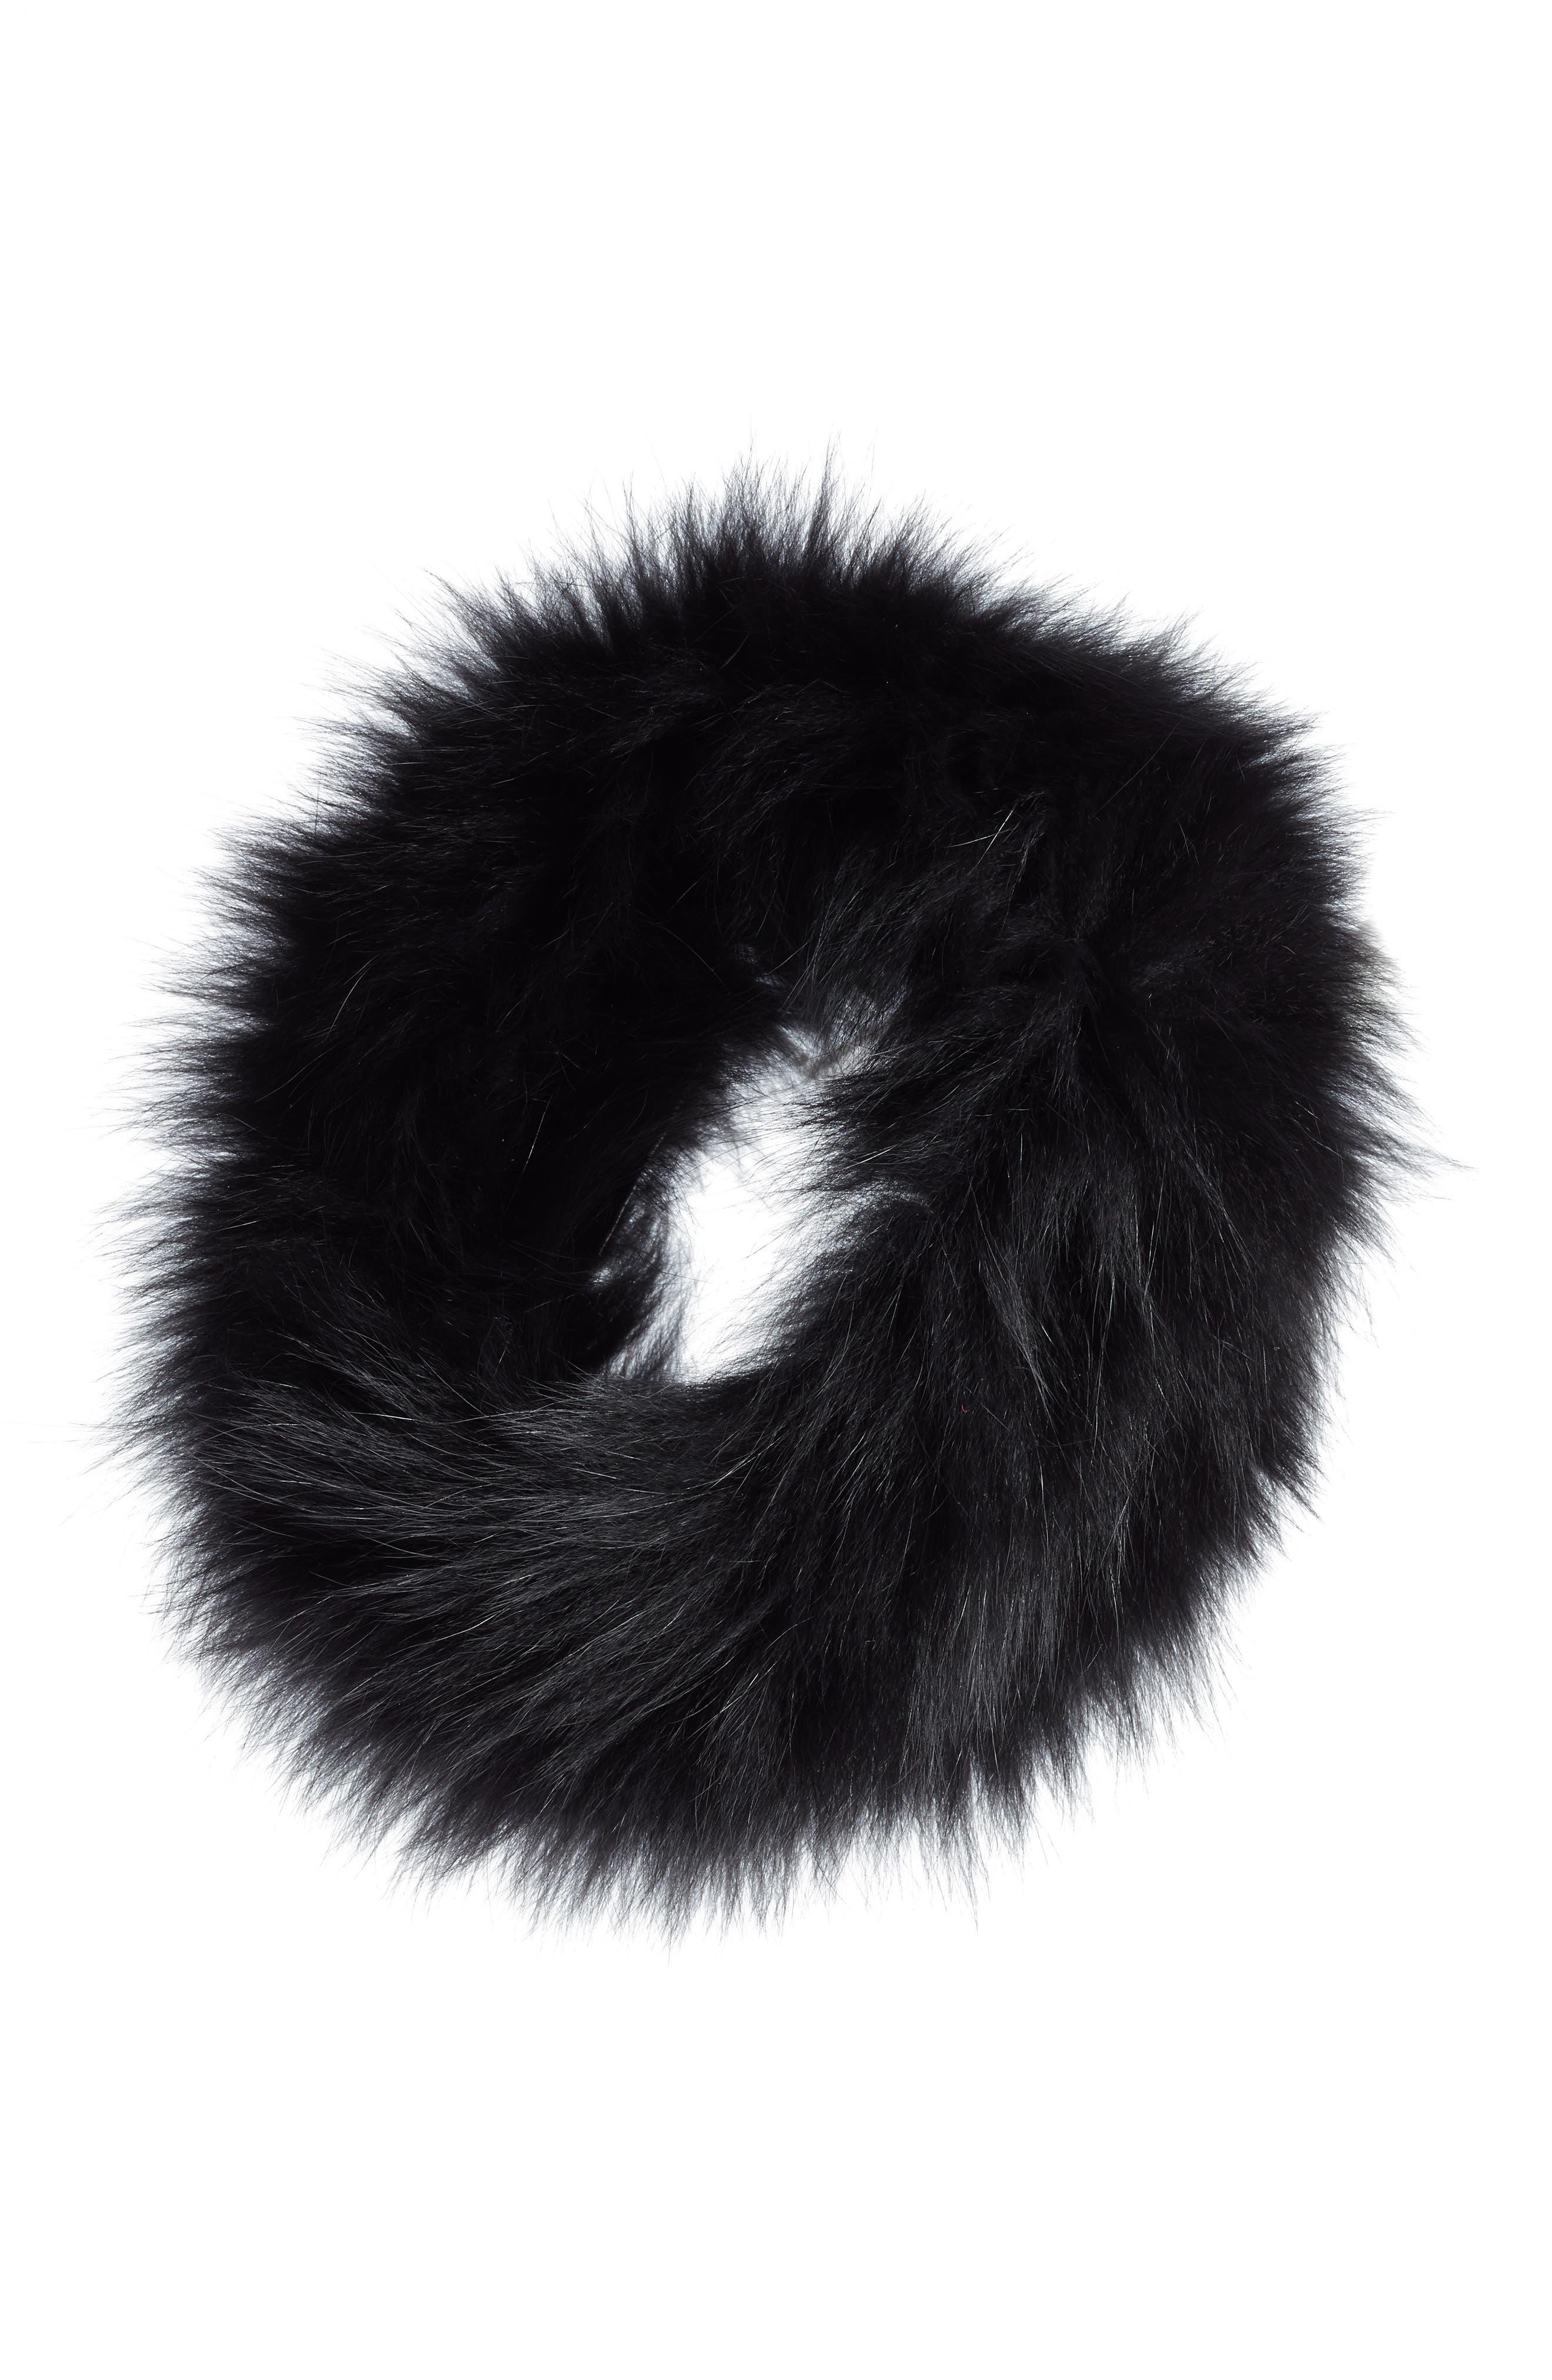 LA FIORENTINA Genuine Fox Fur Headband in Black